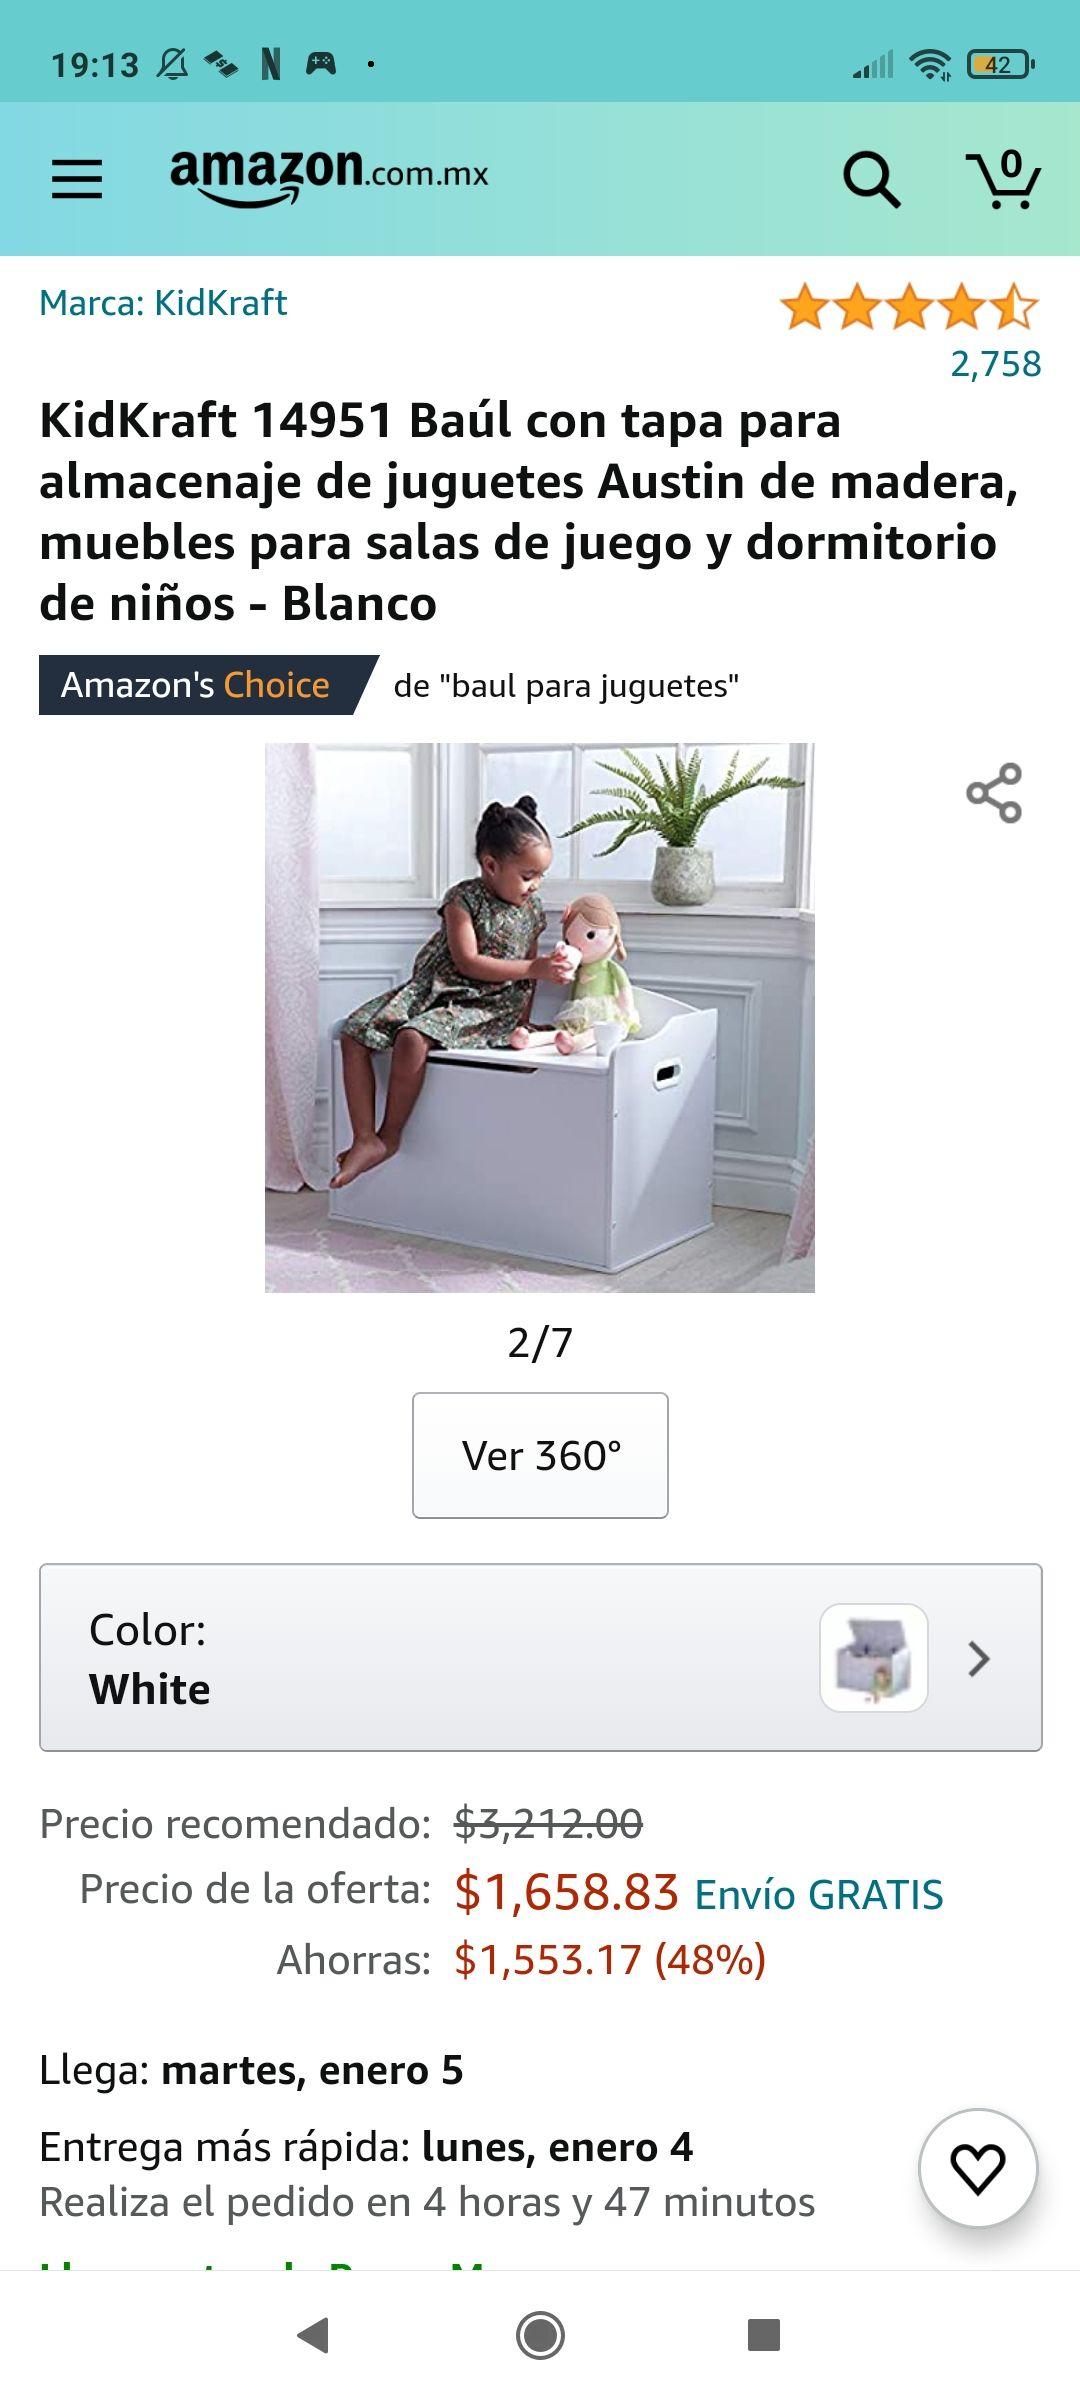 Amazon KidKraft 14951 Baúl con tapa para almacenaje de juguetes Austin de madera, muebles para salas de juego y dormitorio de niños - Blanco